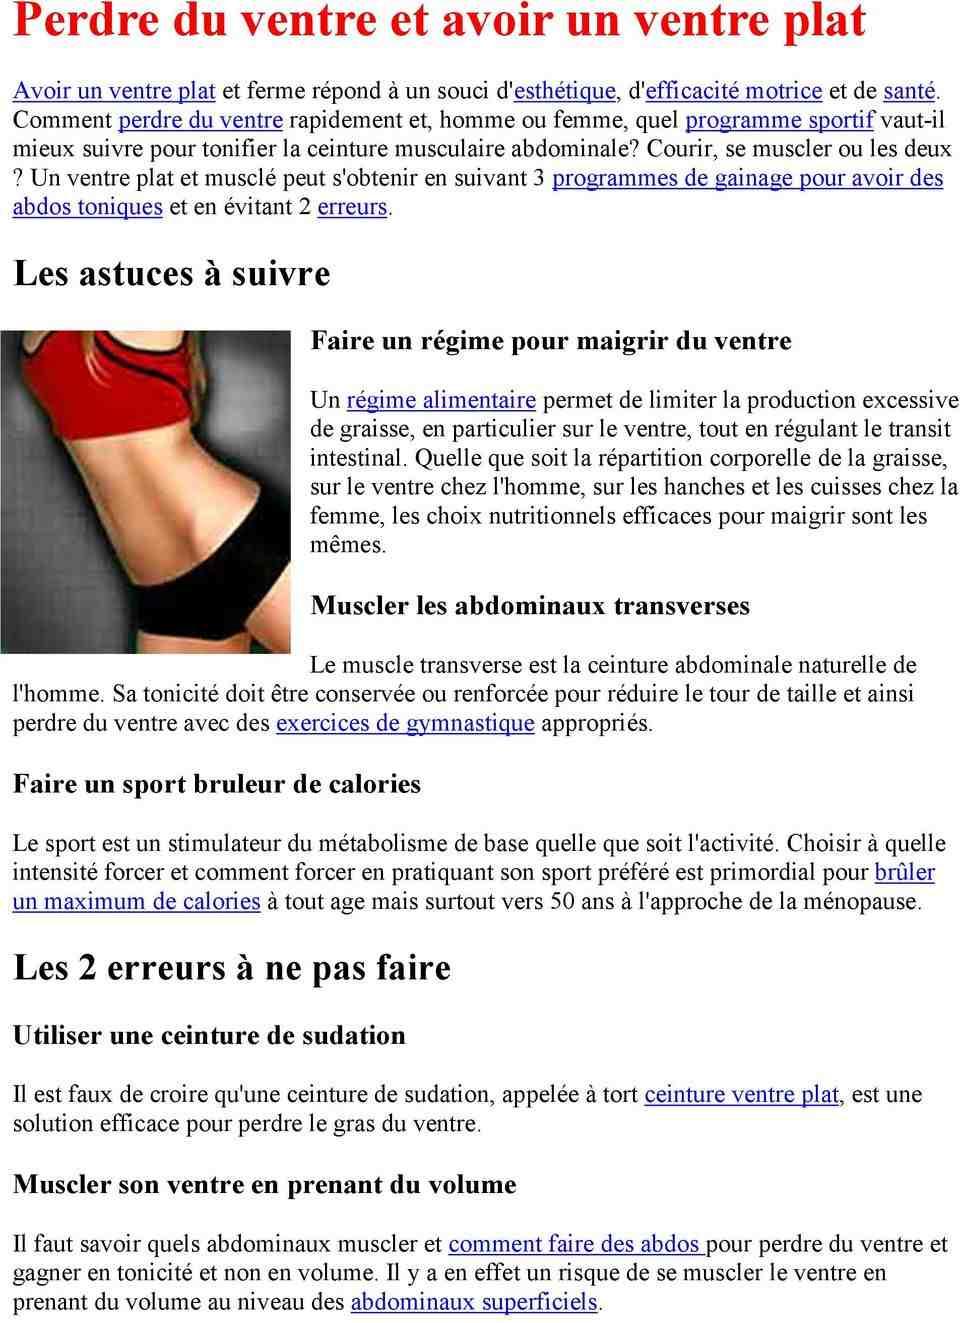 Comment perdre du poids à 50 pour une femme?